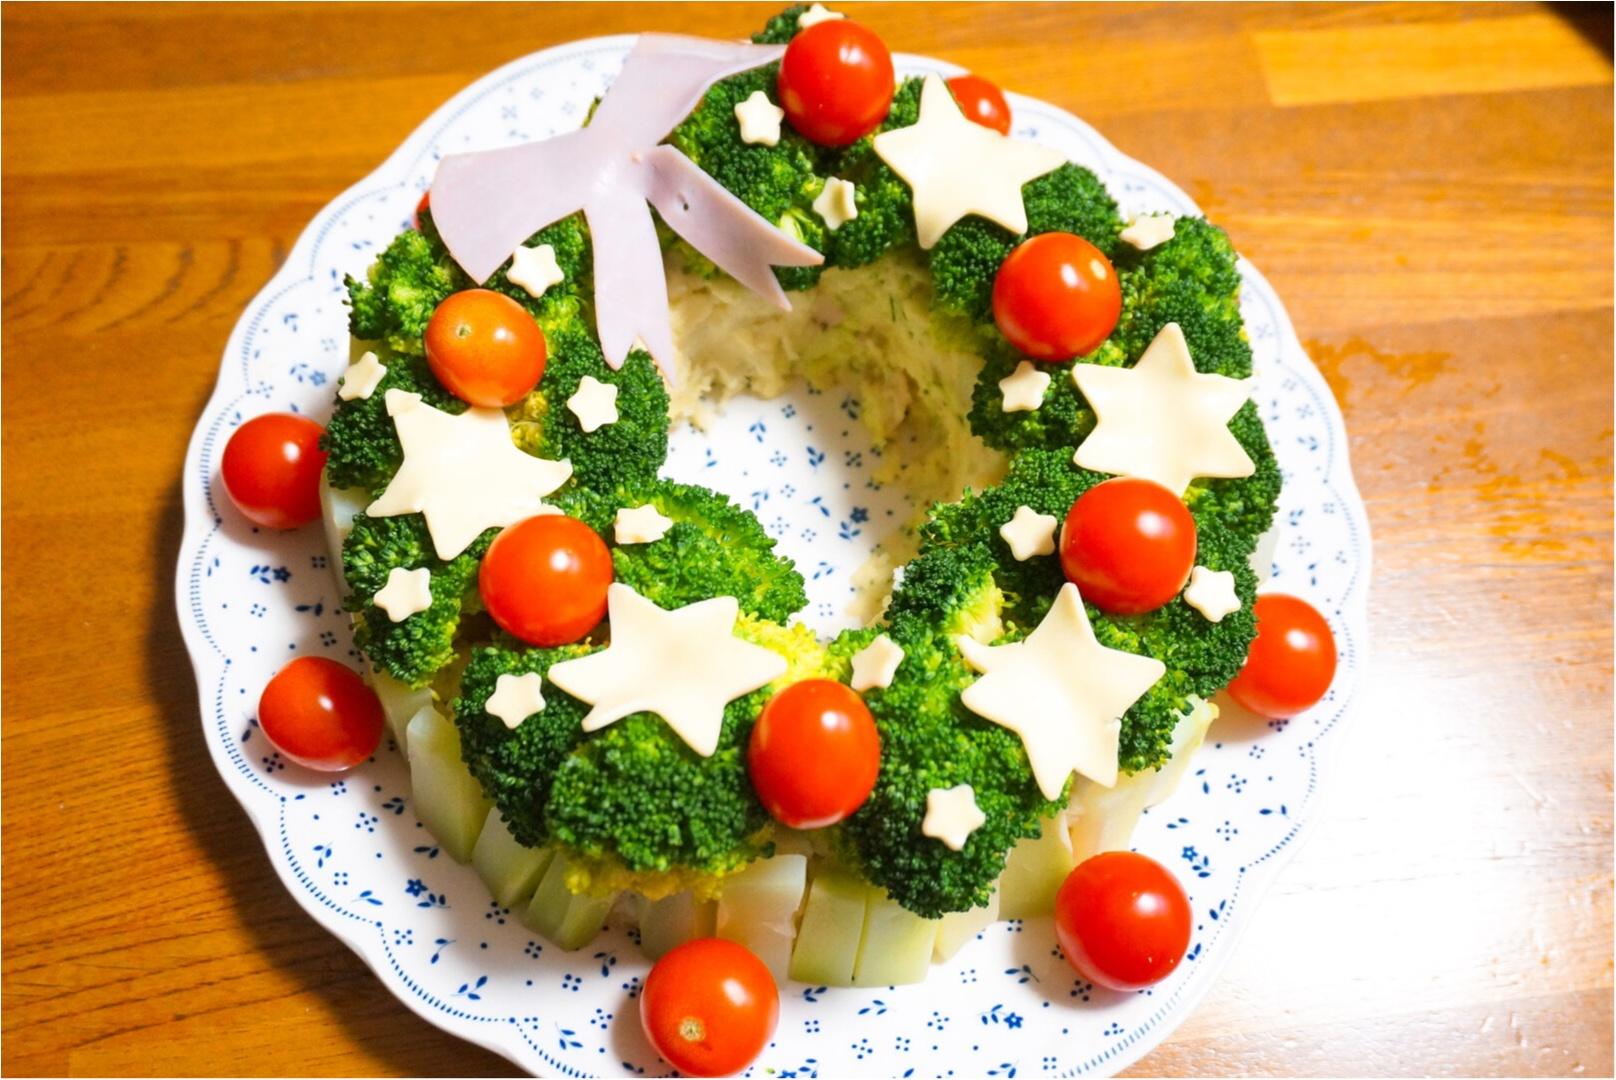 《今年はお家でクリパ♡》みんなでわいわい作って楽しもう♪クリスマスにぴったりな手作り料理3品はこれっ‼︎_1